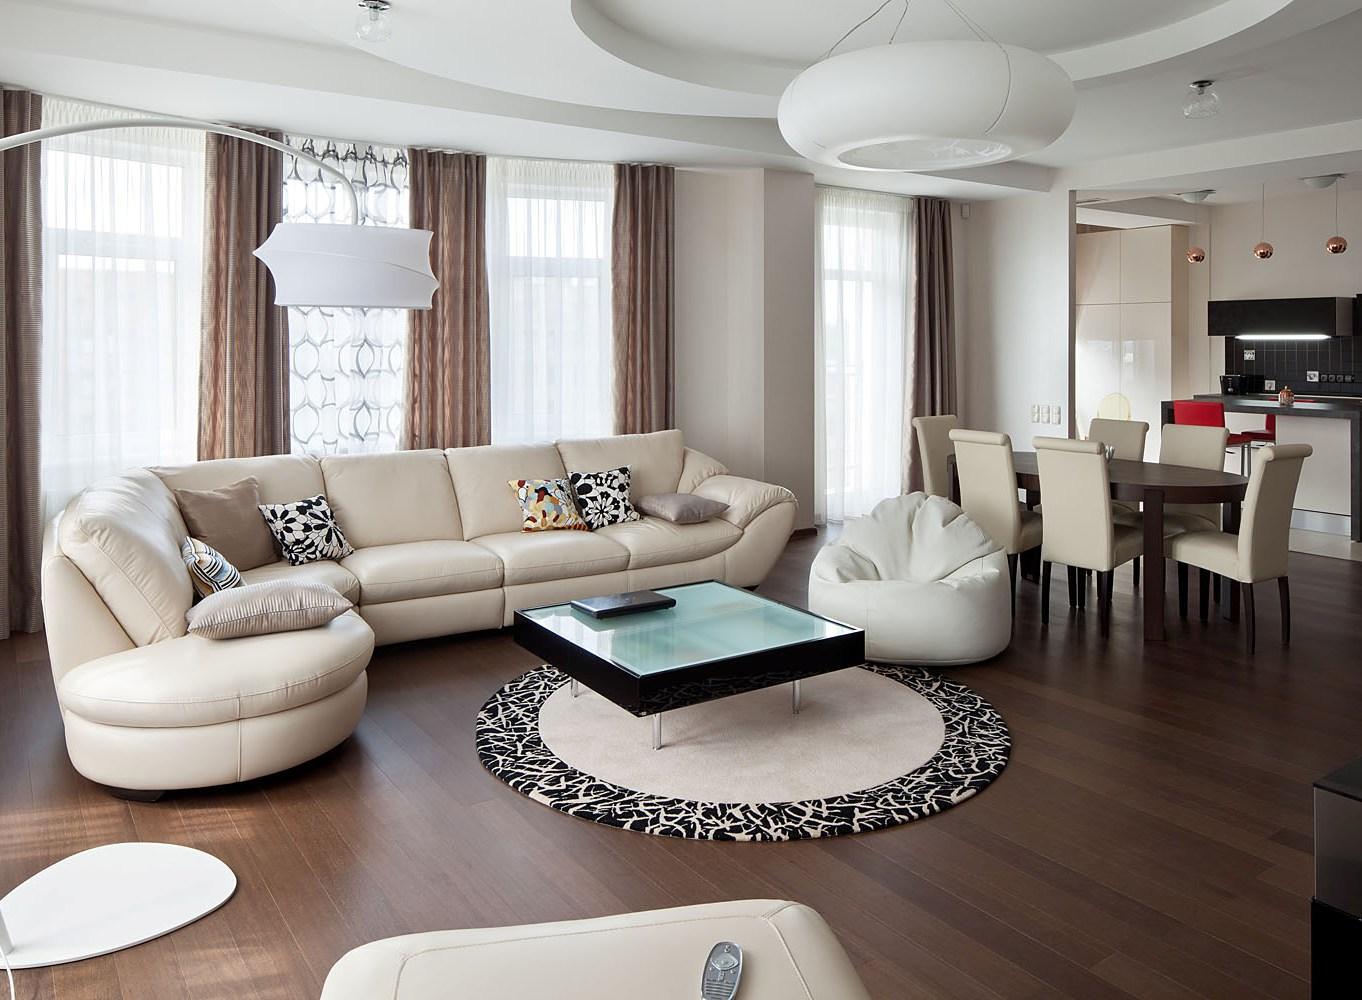 Як правильно зробити дизайн квартири - 10 принципів